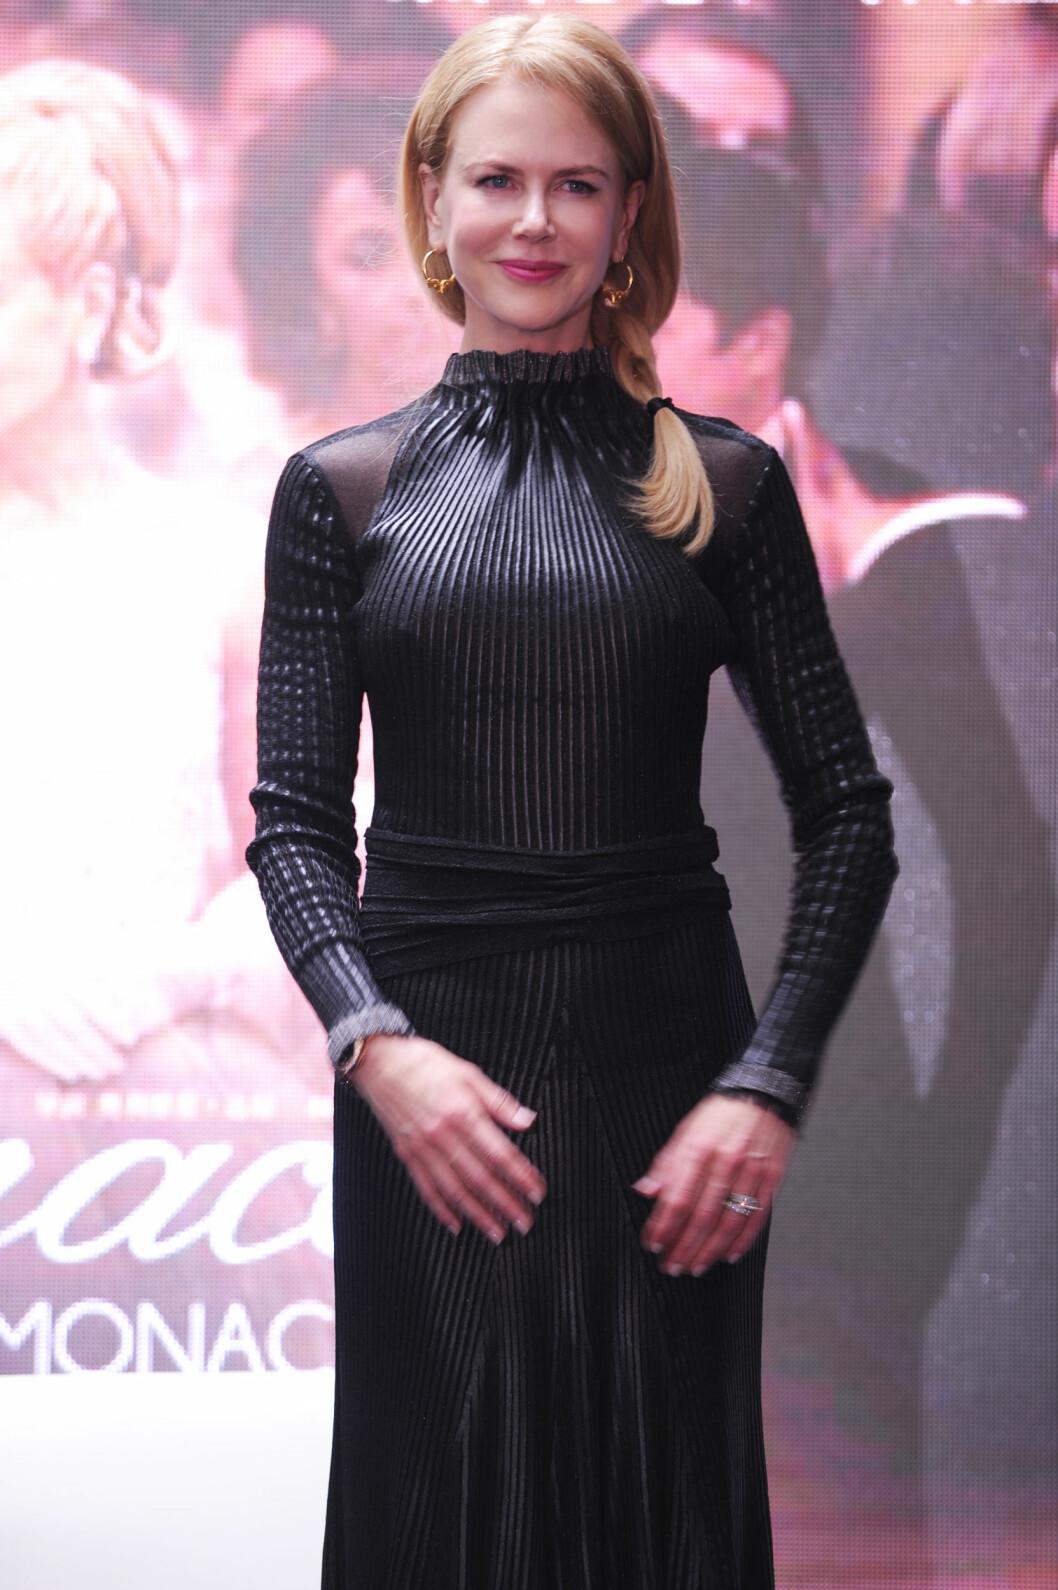 TILDEKKET: I etterkant av silikon-ryktene har Nicole Kidman dekket seg til mer enn normalt. Her er hun under filmfestivalen i Shanghai søndag.  Foto: action press/All Over Press